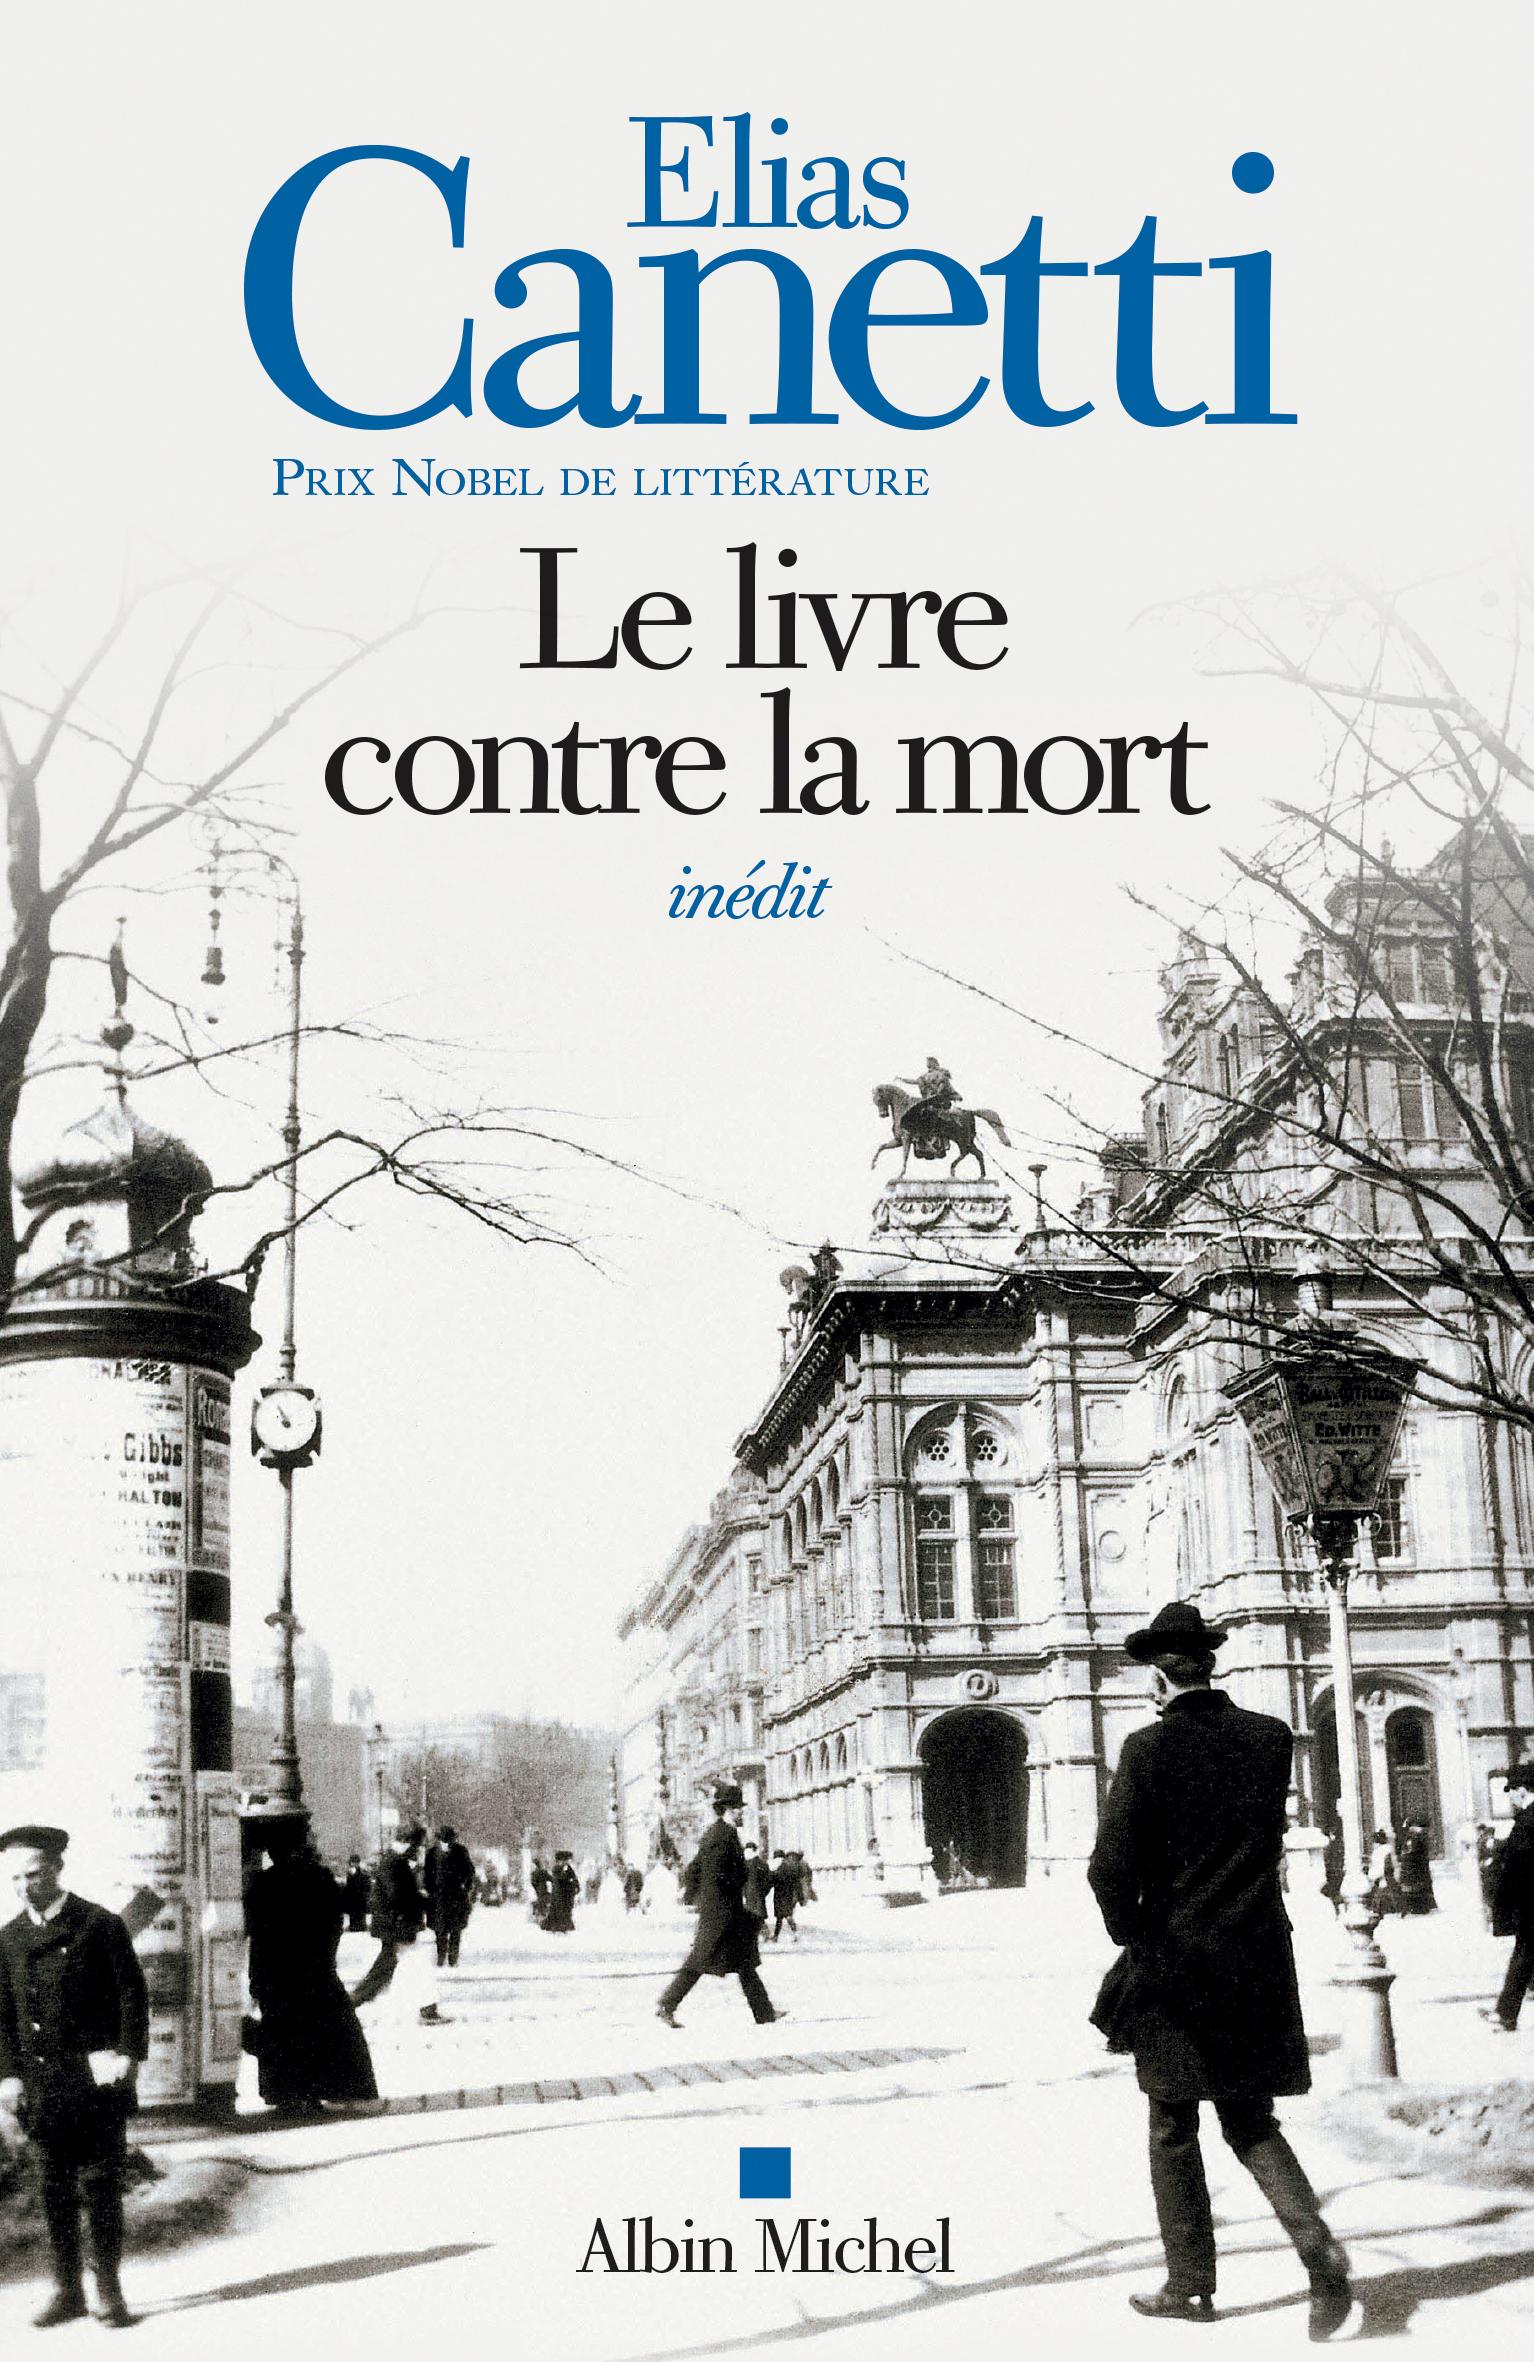 Luc Canetti - Le livre contre la mort